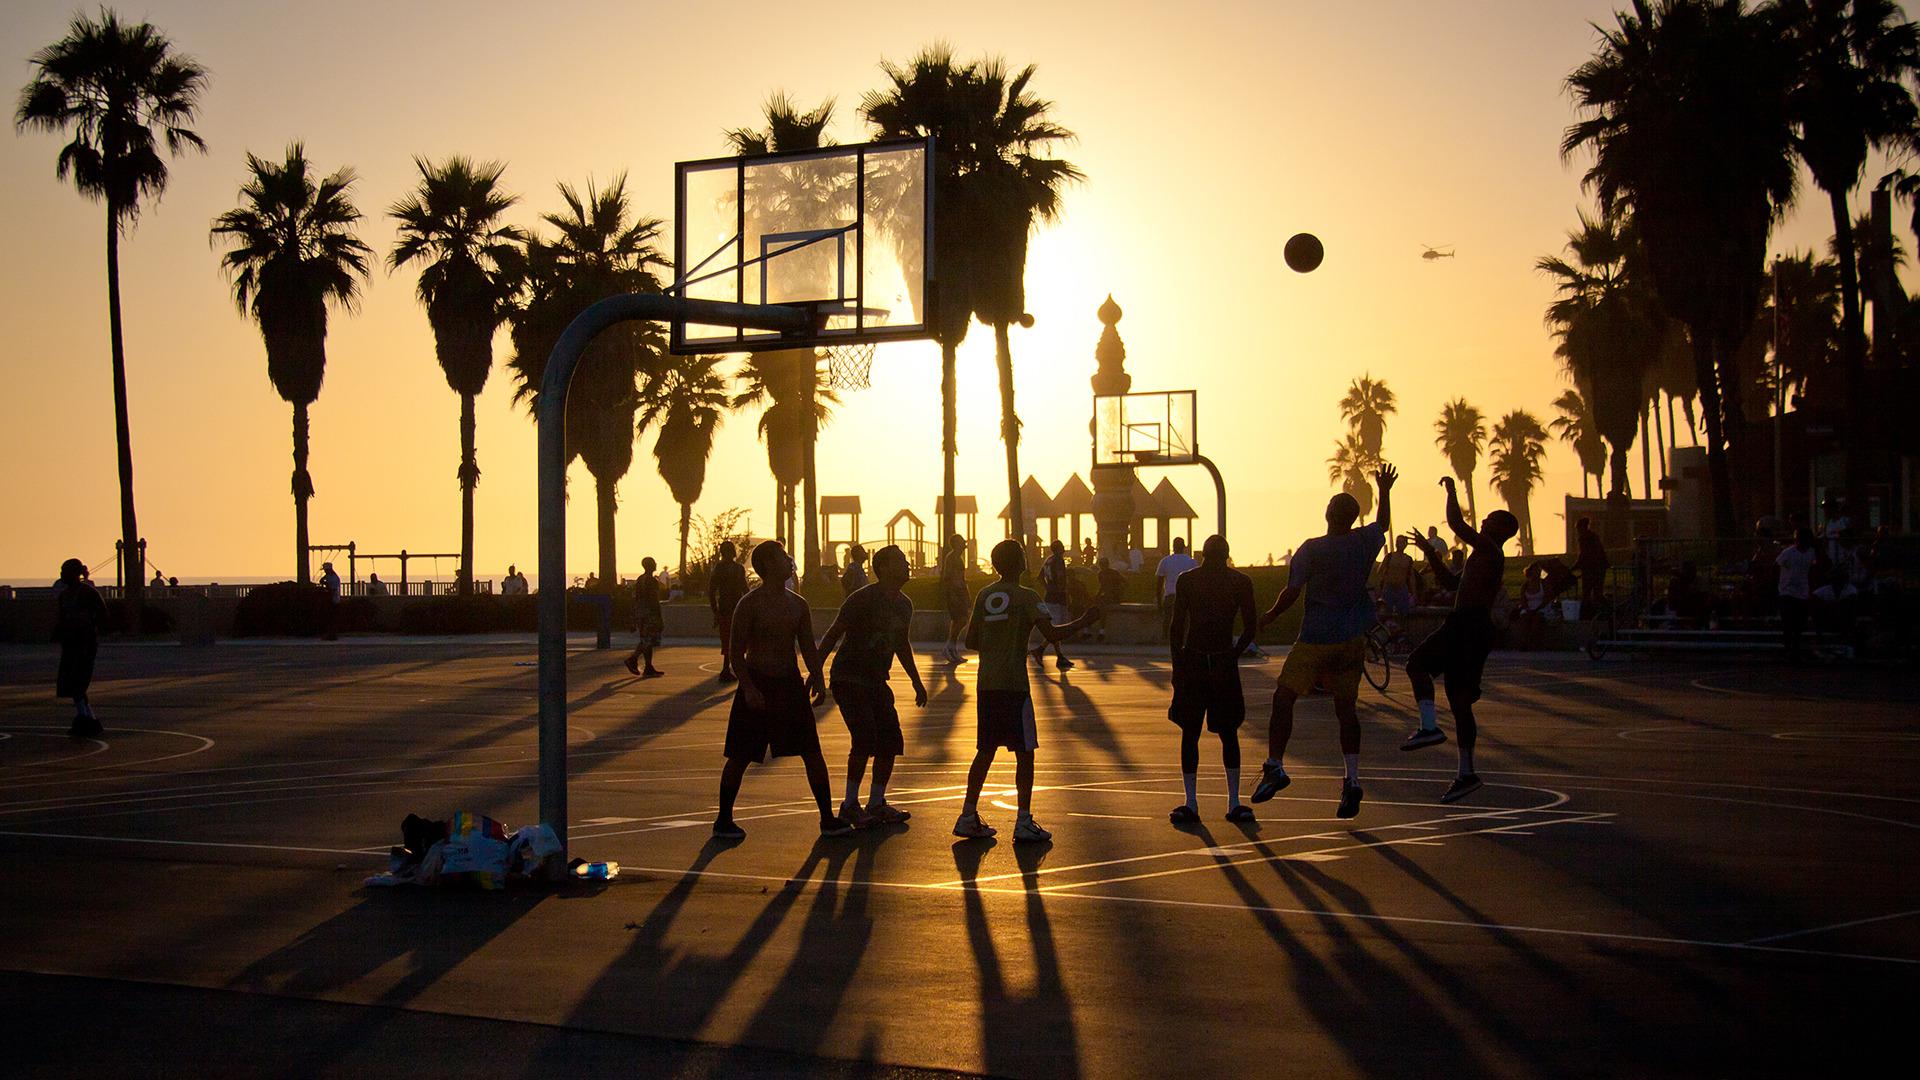 Download wallpaper summer california basketball sunset usa 1920x1080